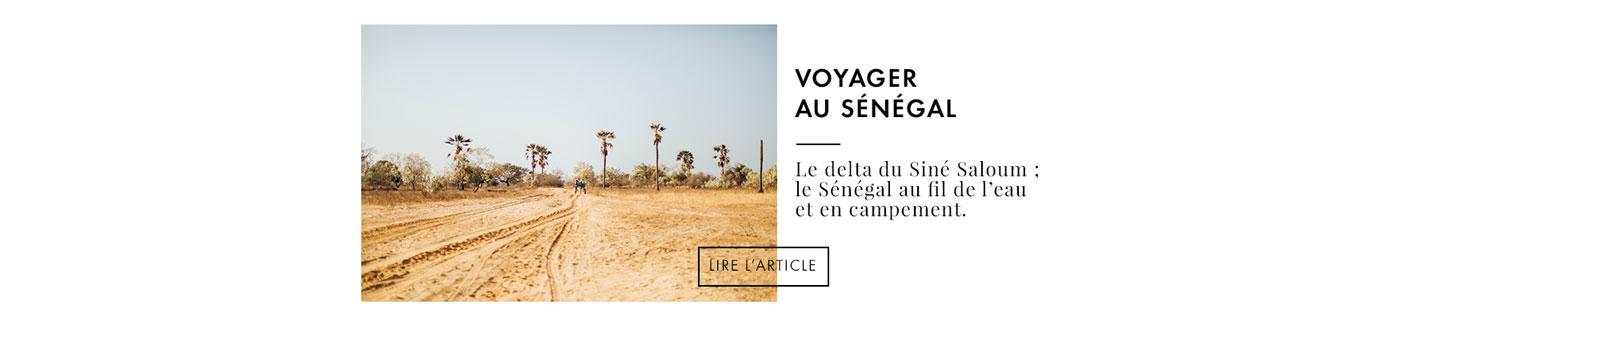 voyager au Sénégal blog hellolaroux